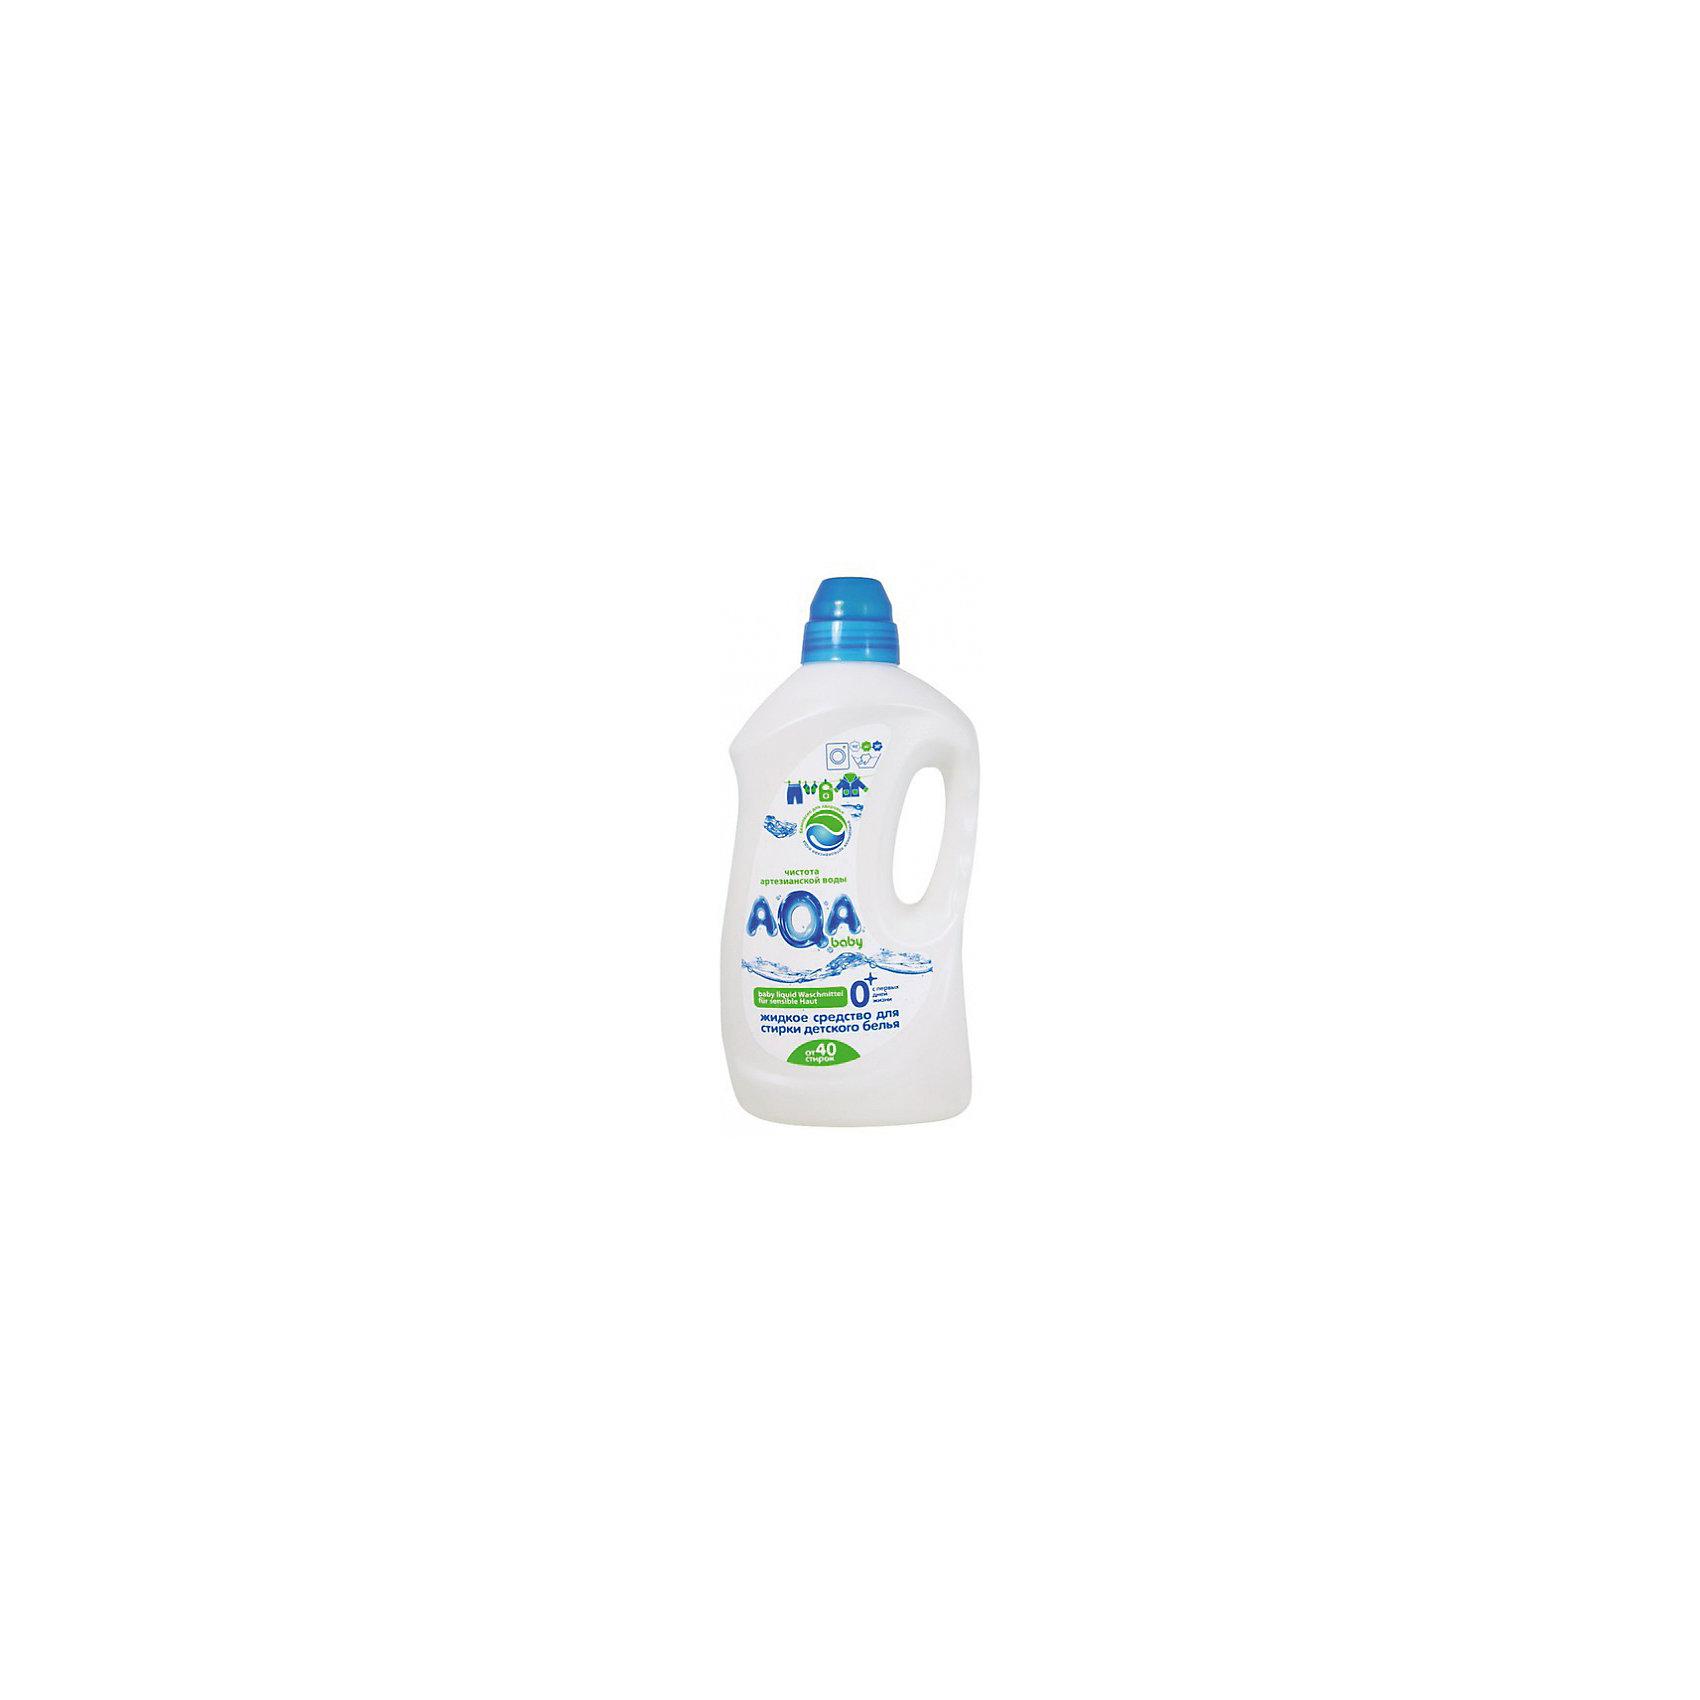 Жидкое средство для стирки детского белья, AQA baby